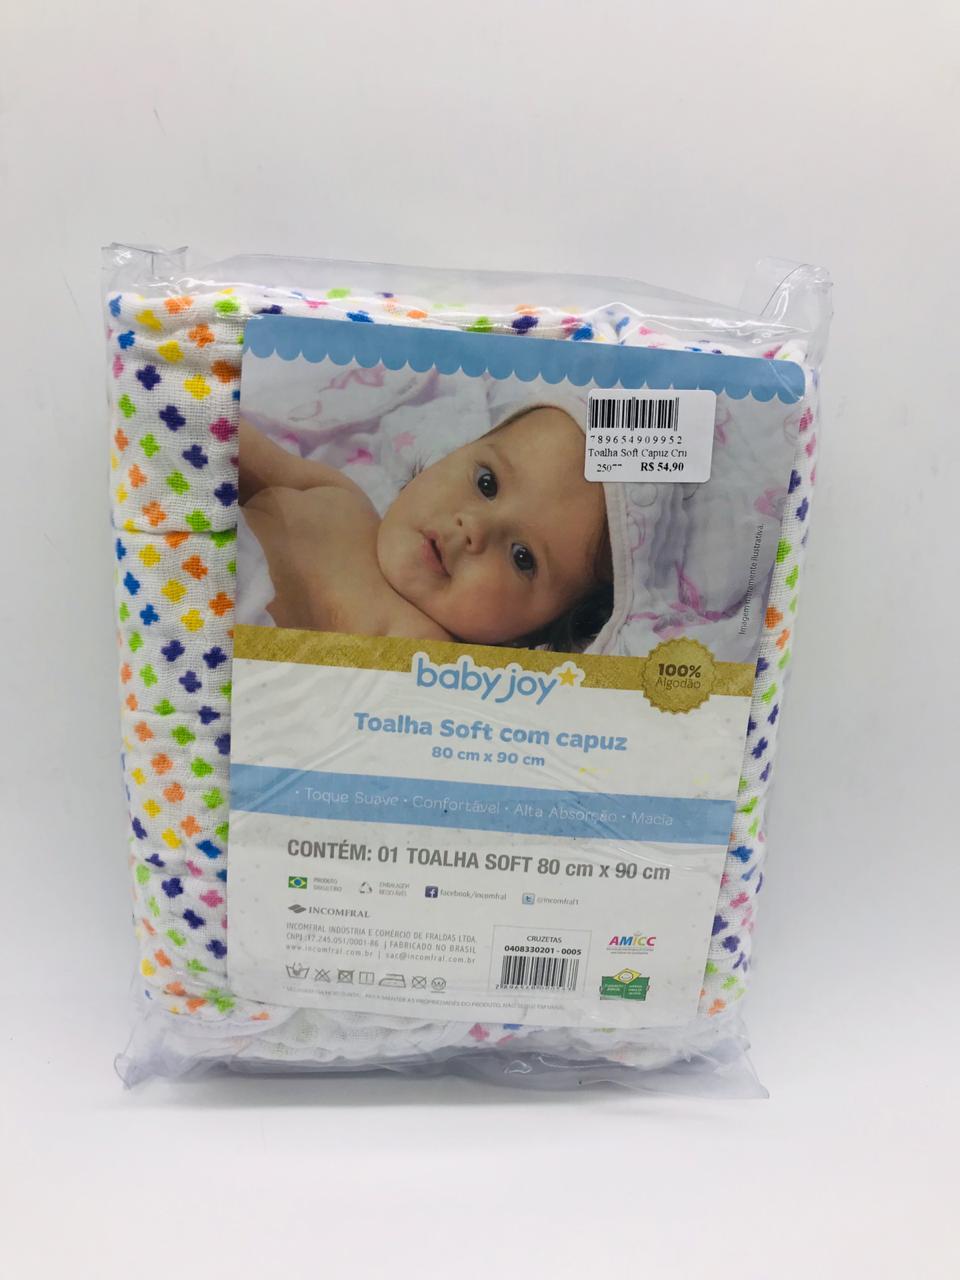 Toalha Soft Capuz Cruzetas - Baby Joy Incomfral Ref 04083302010005